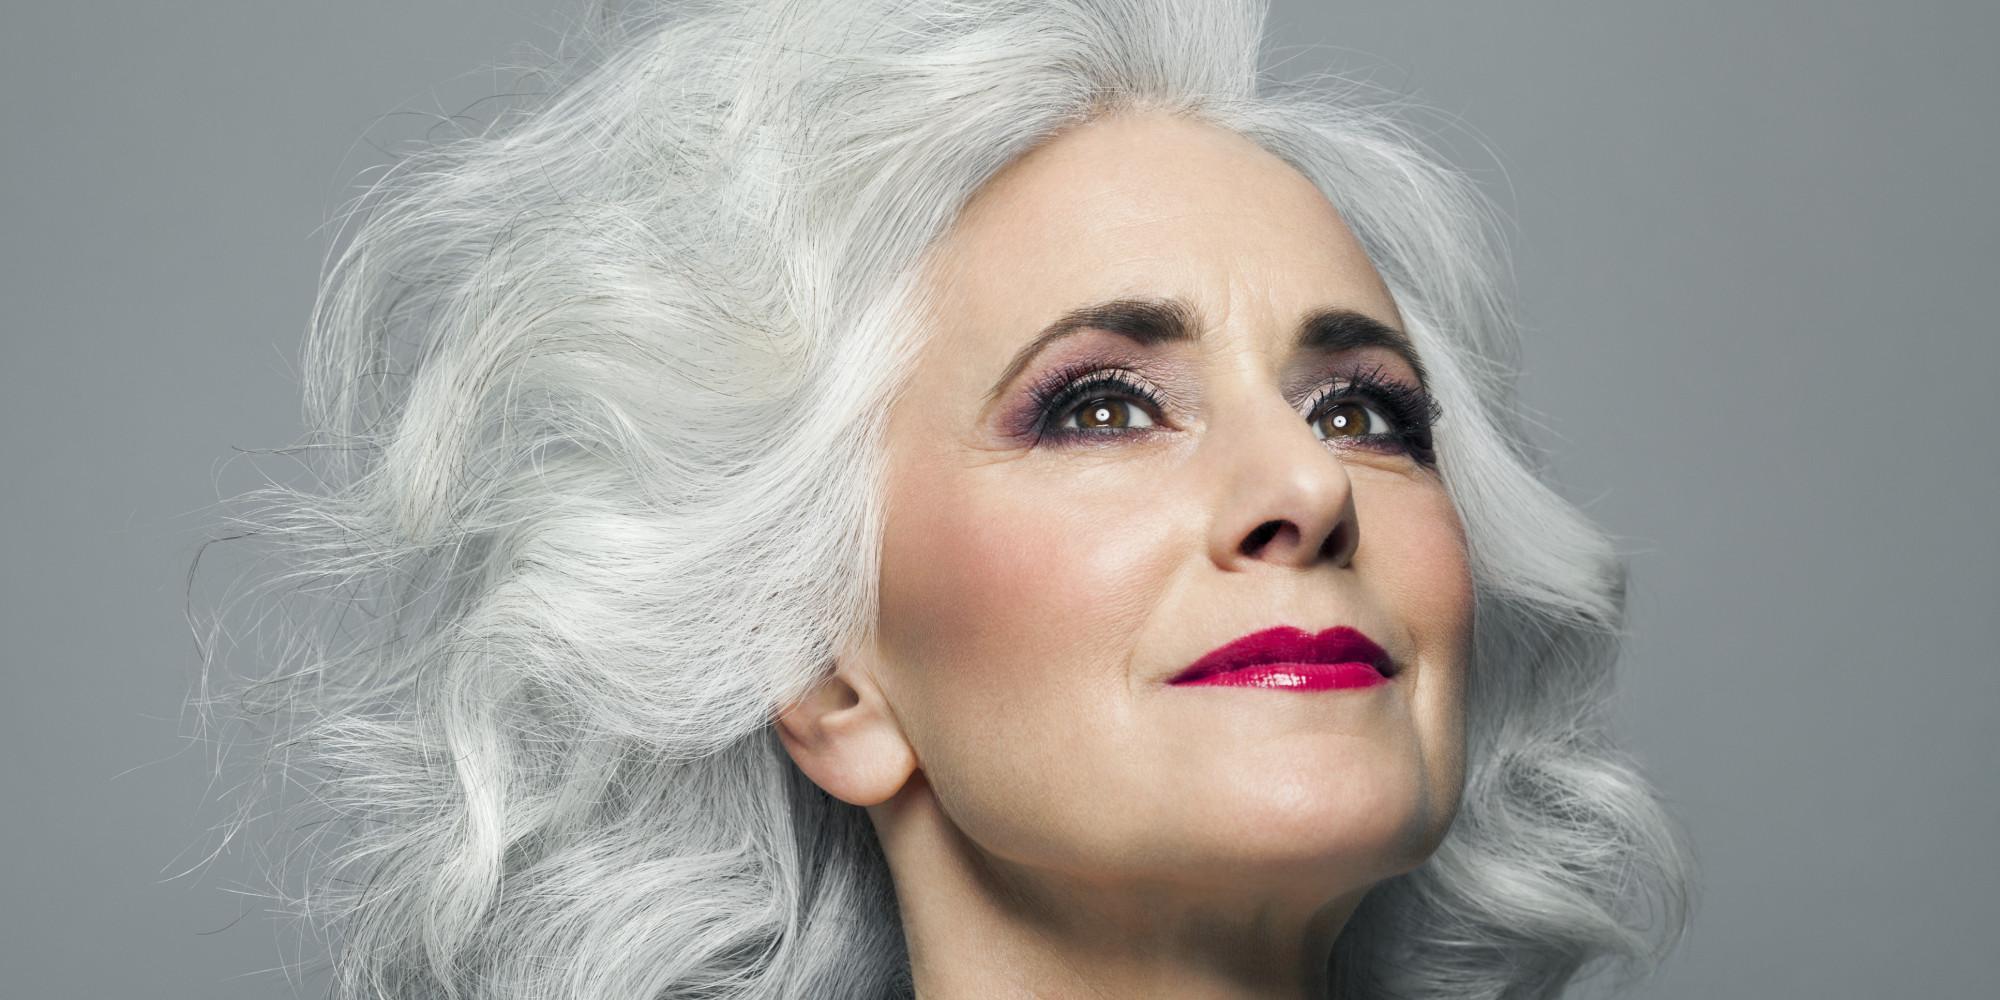 Фото красивых женщин за 60, Зрелые голые женщины 40-60 лет: старые, но не 16 фотография